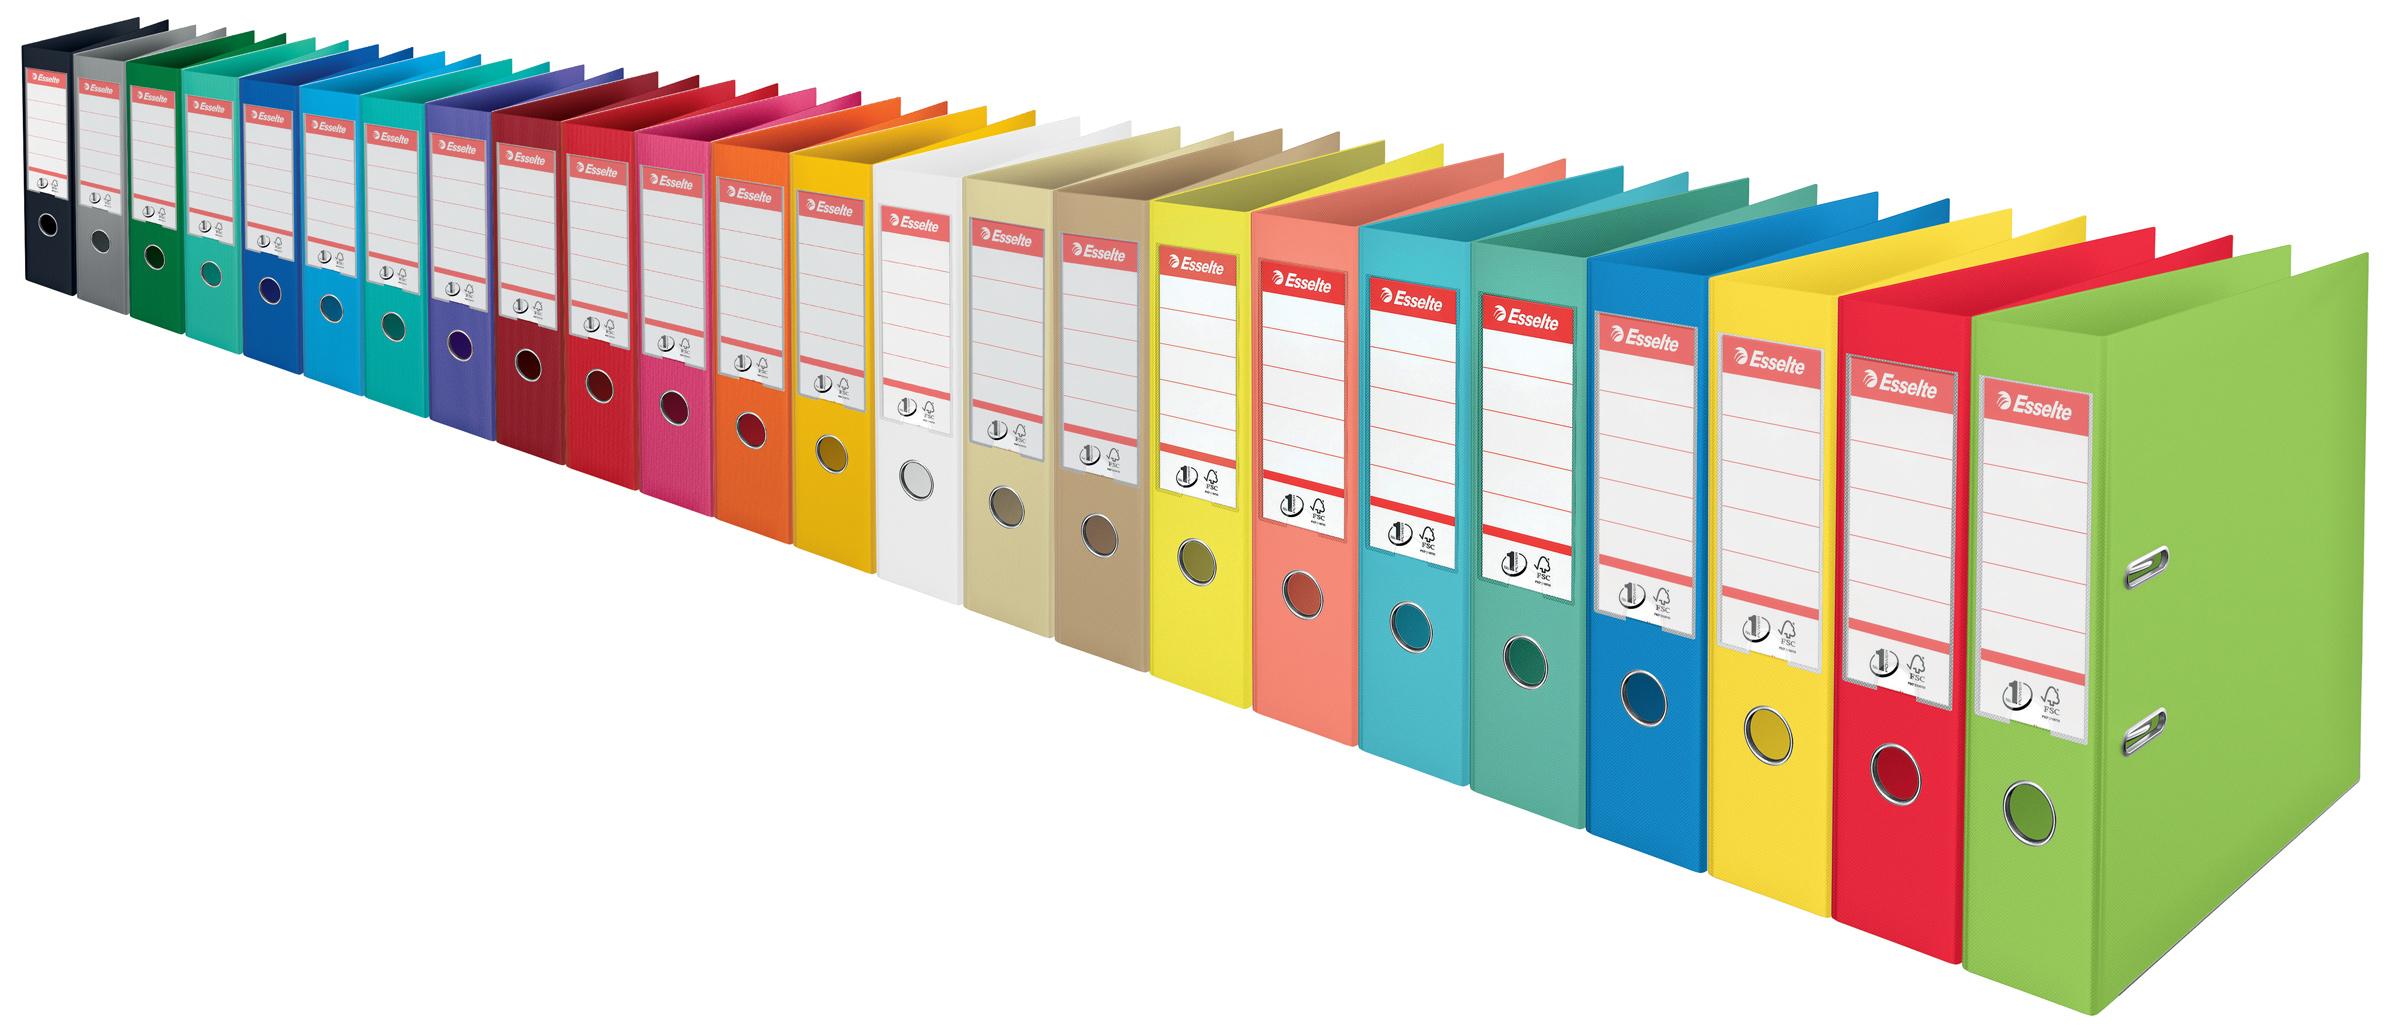 Регистратор гоизонтальный (банковский формат) А4 7,5см. (PP) No.1 Power, зелен. Esselte - фото 3